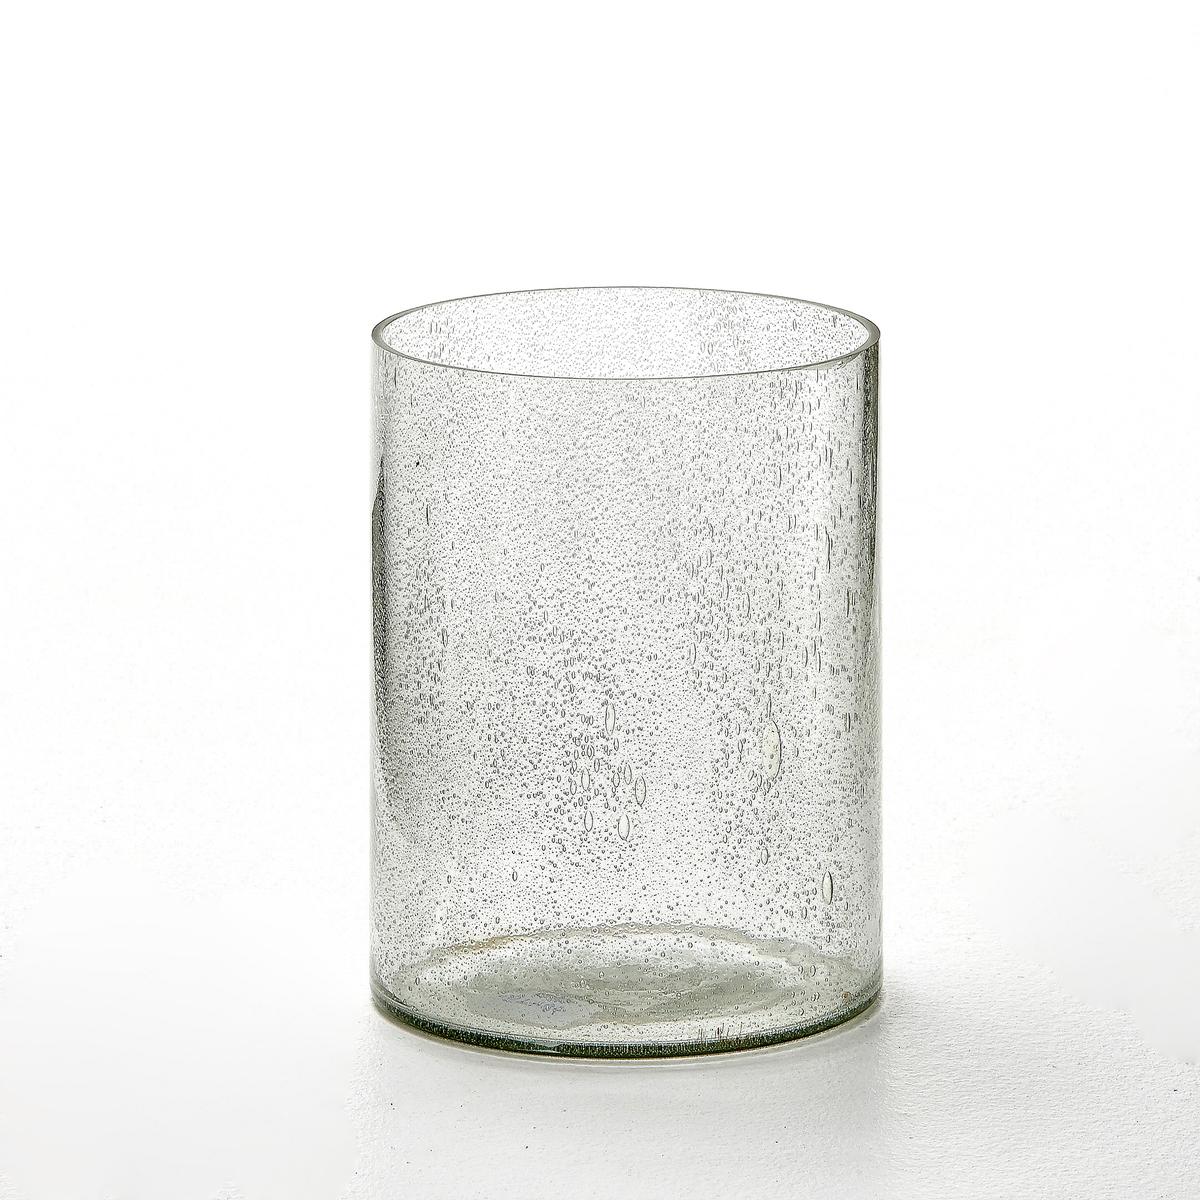 Ваза декоративная, 2 варианта отделки, EzioХарактеристики вазы Ezio :Ваза из прозрачного стекла или пузырчатого стекла.Откройте для себя всю коллекцию ваз и предметов декора на сайте laredoute.ru.Размеры вазы Ezio :Размеры. 1 вазы : Выс. 20 x Диаметр 15 см<br><br>Цвет: стекло,стеклянный прозрачный<br>Размер: единый размер